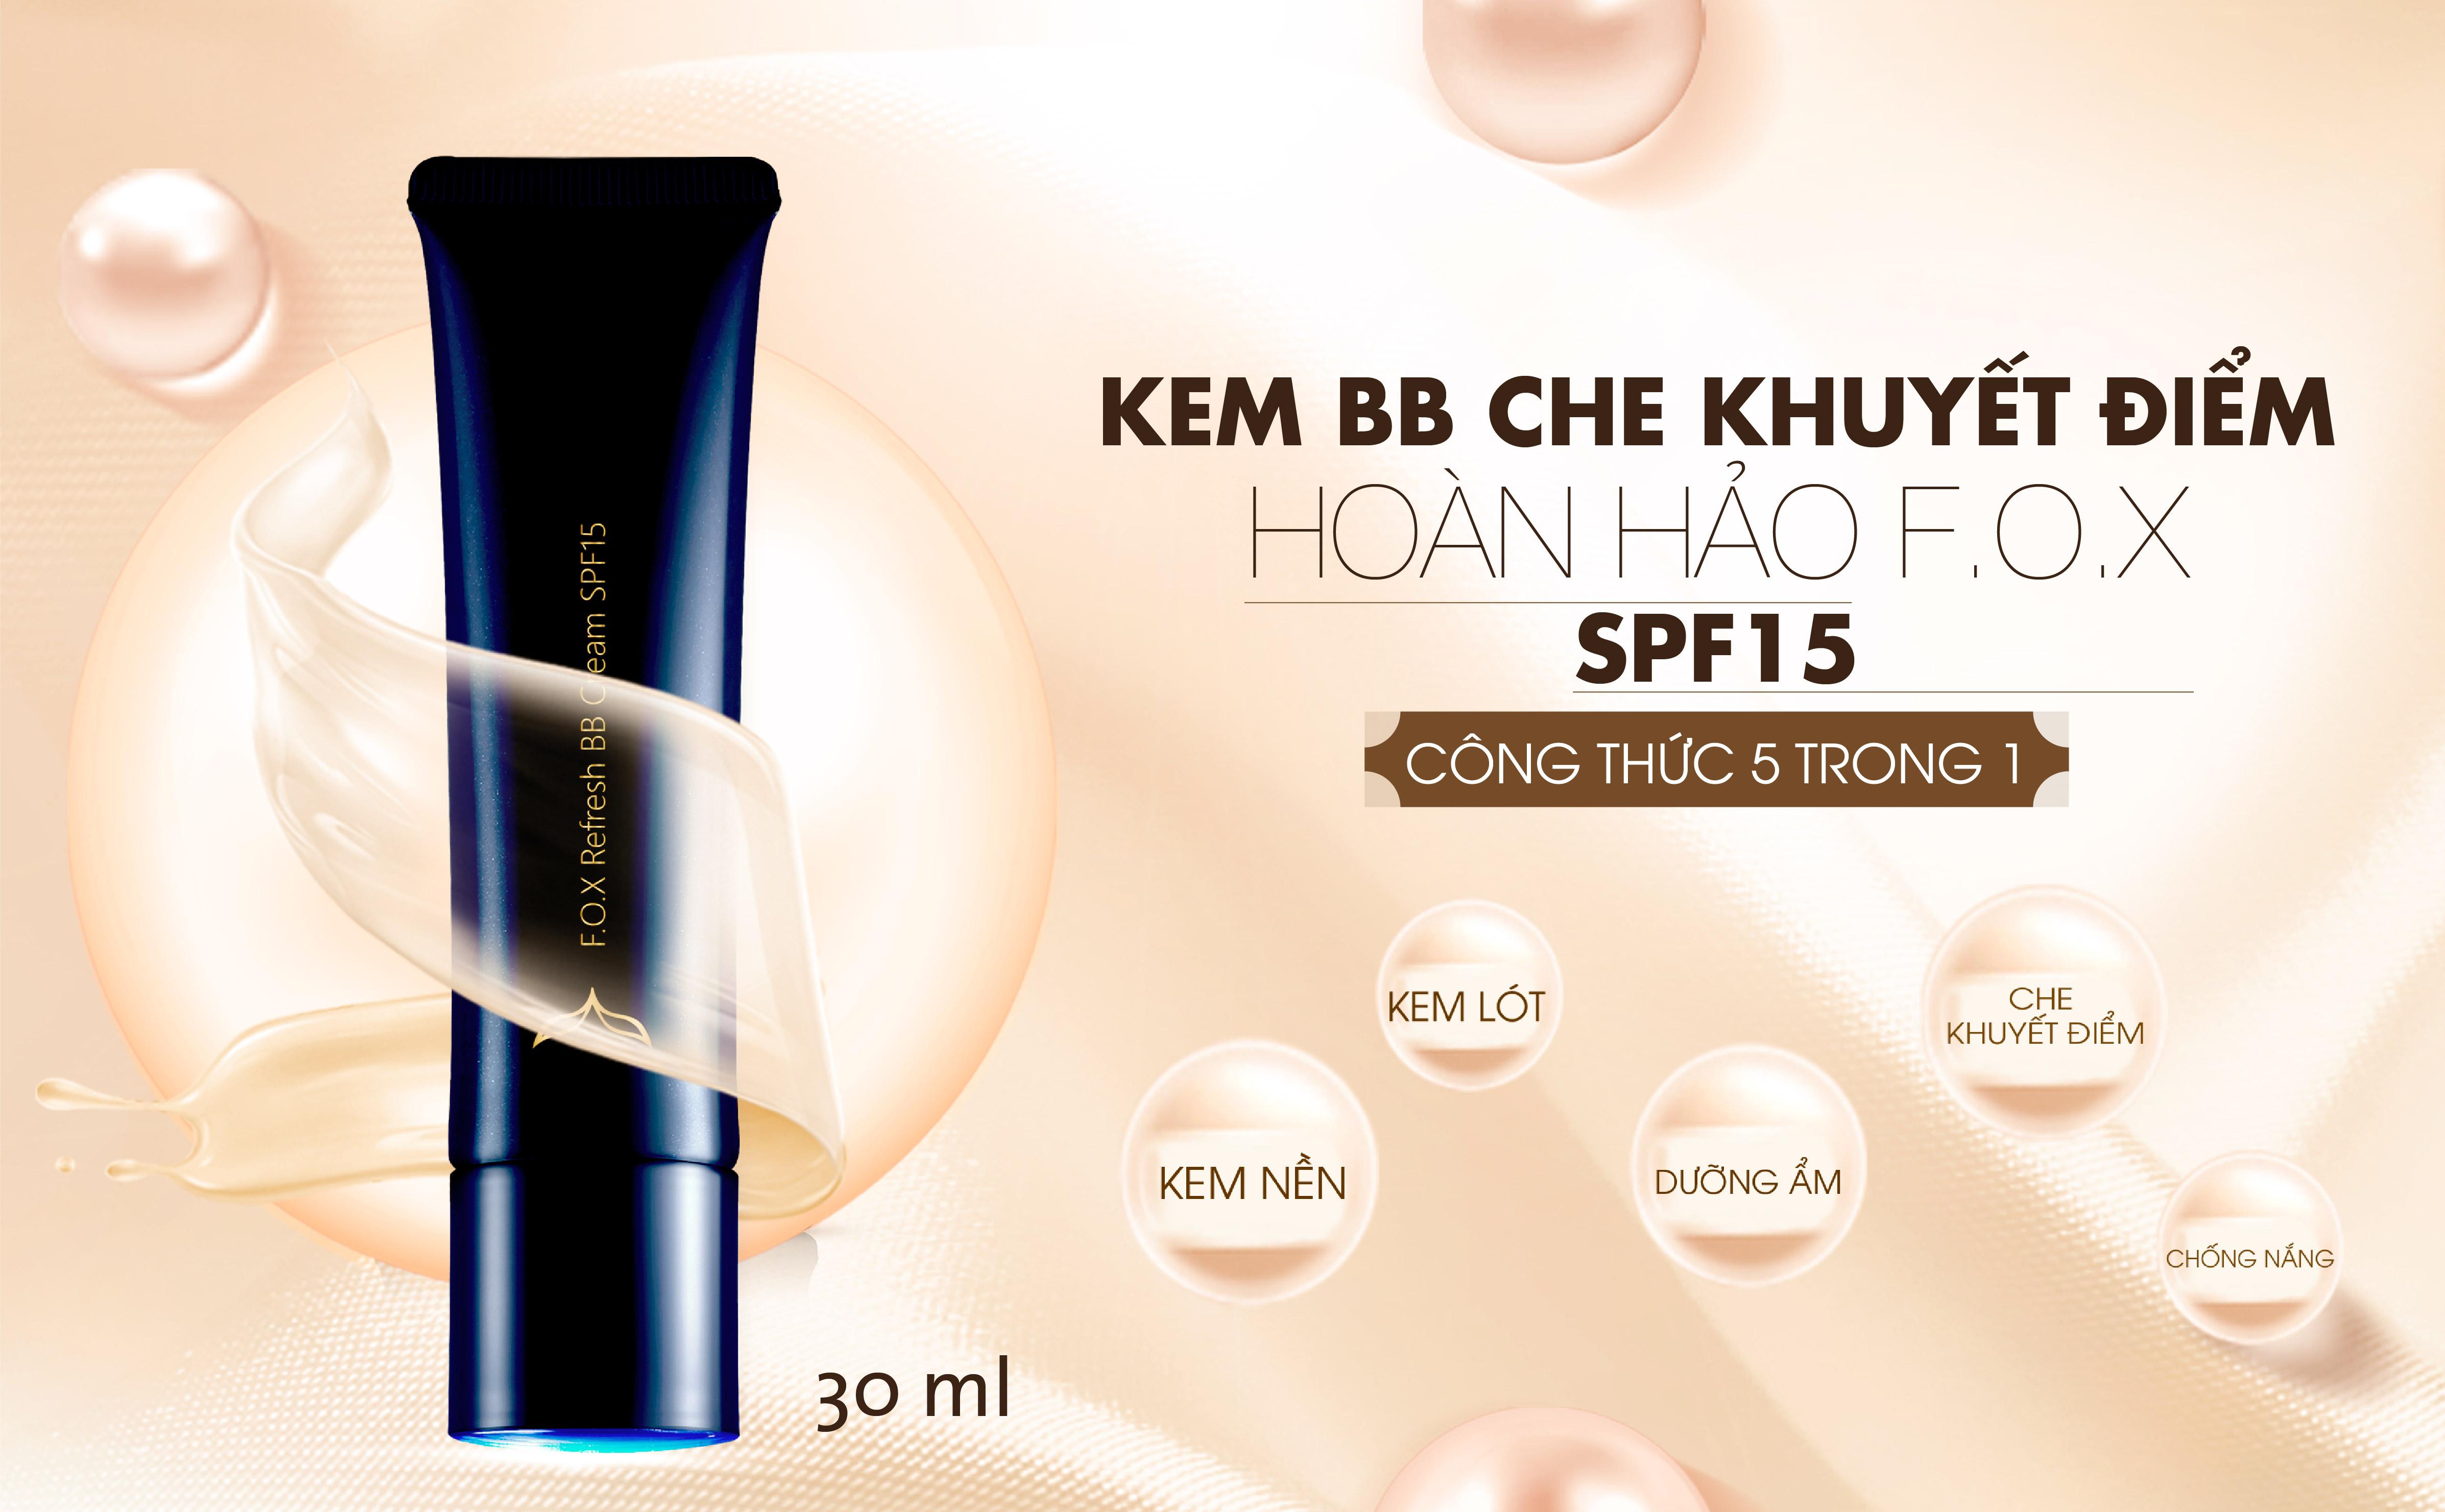 Kem BB Che Khuyết Điểm Hoàn Hảo F.O.X - SPF 15 Refresh BB Cream SPF15 30ml  | Tiki.vn